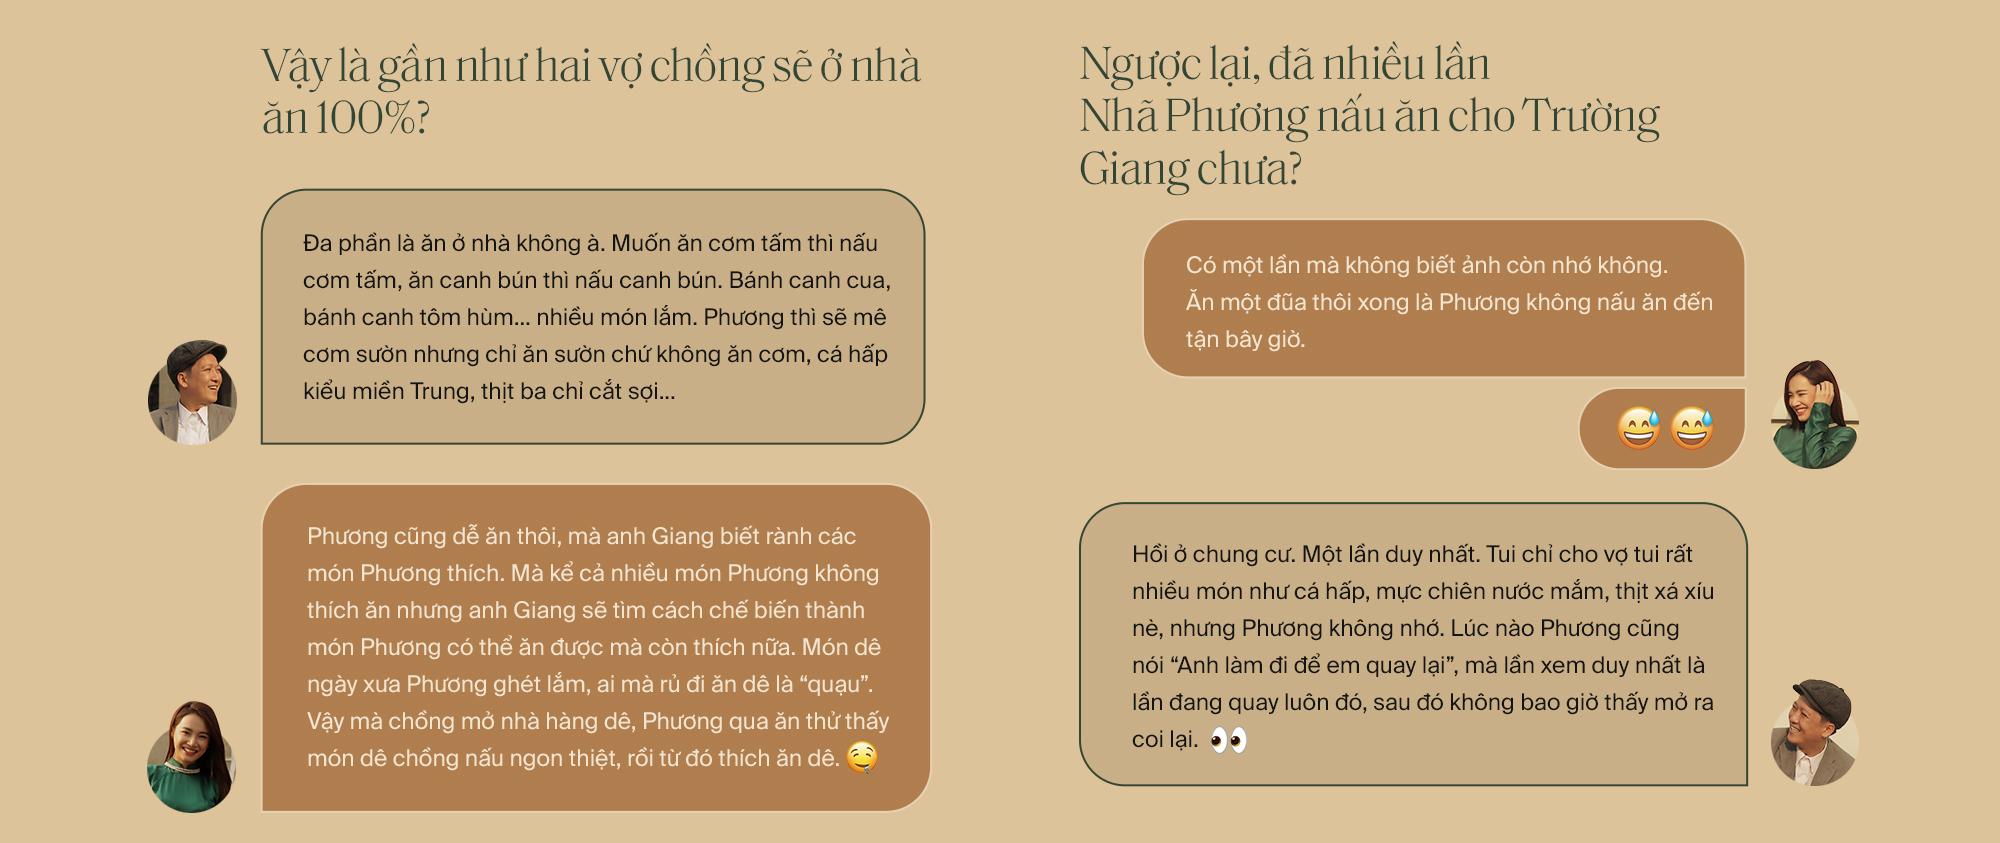 """Lần đầu tiên kể từ khi yêu nhau, Trường Giang - Nhã Phương cùng trả lời phỏng vấn: """"Vợ tui sướng nhất quận Phú Nhuận luôn"""" - Ảnh 13."""